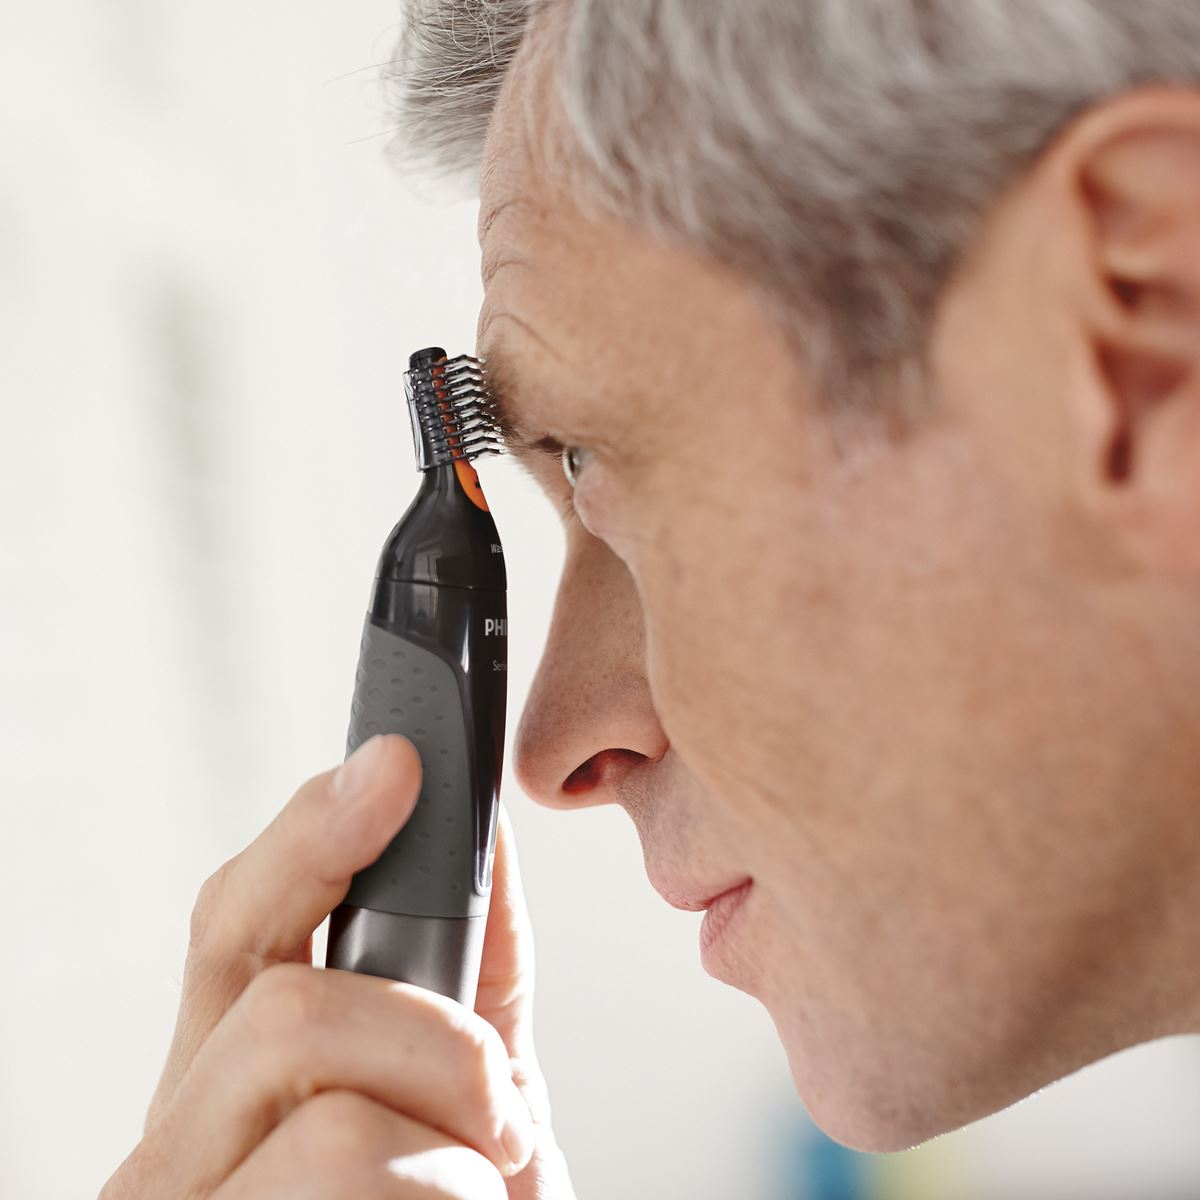 Recortador philips para nariz, orejas y cejas nt3160  - Sanborns